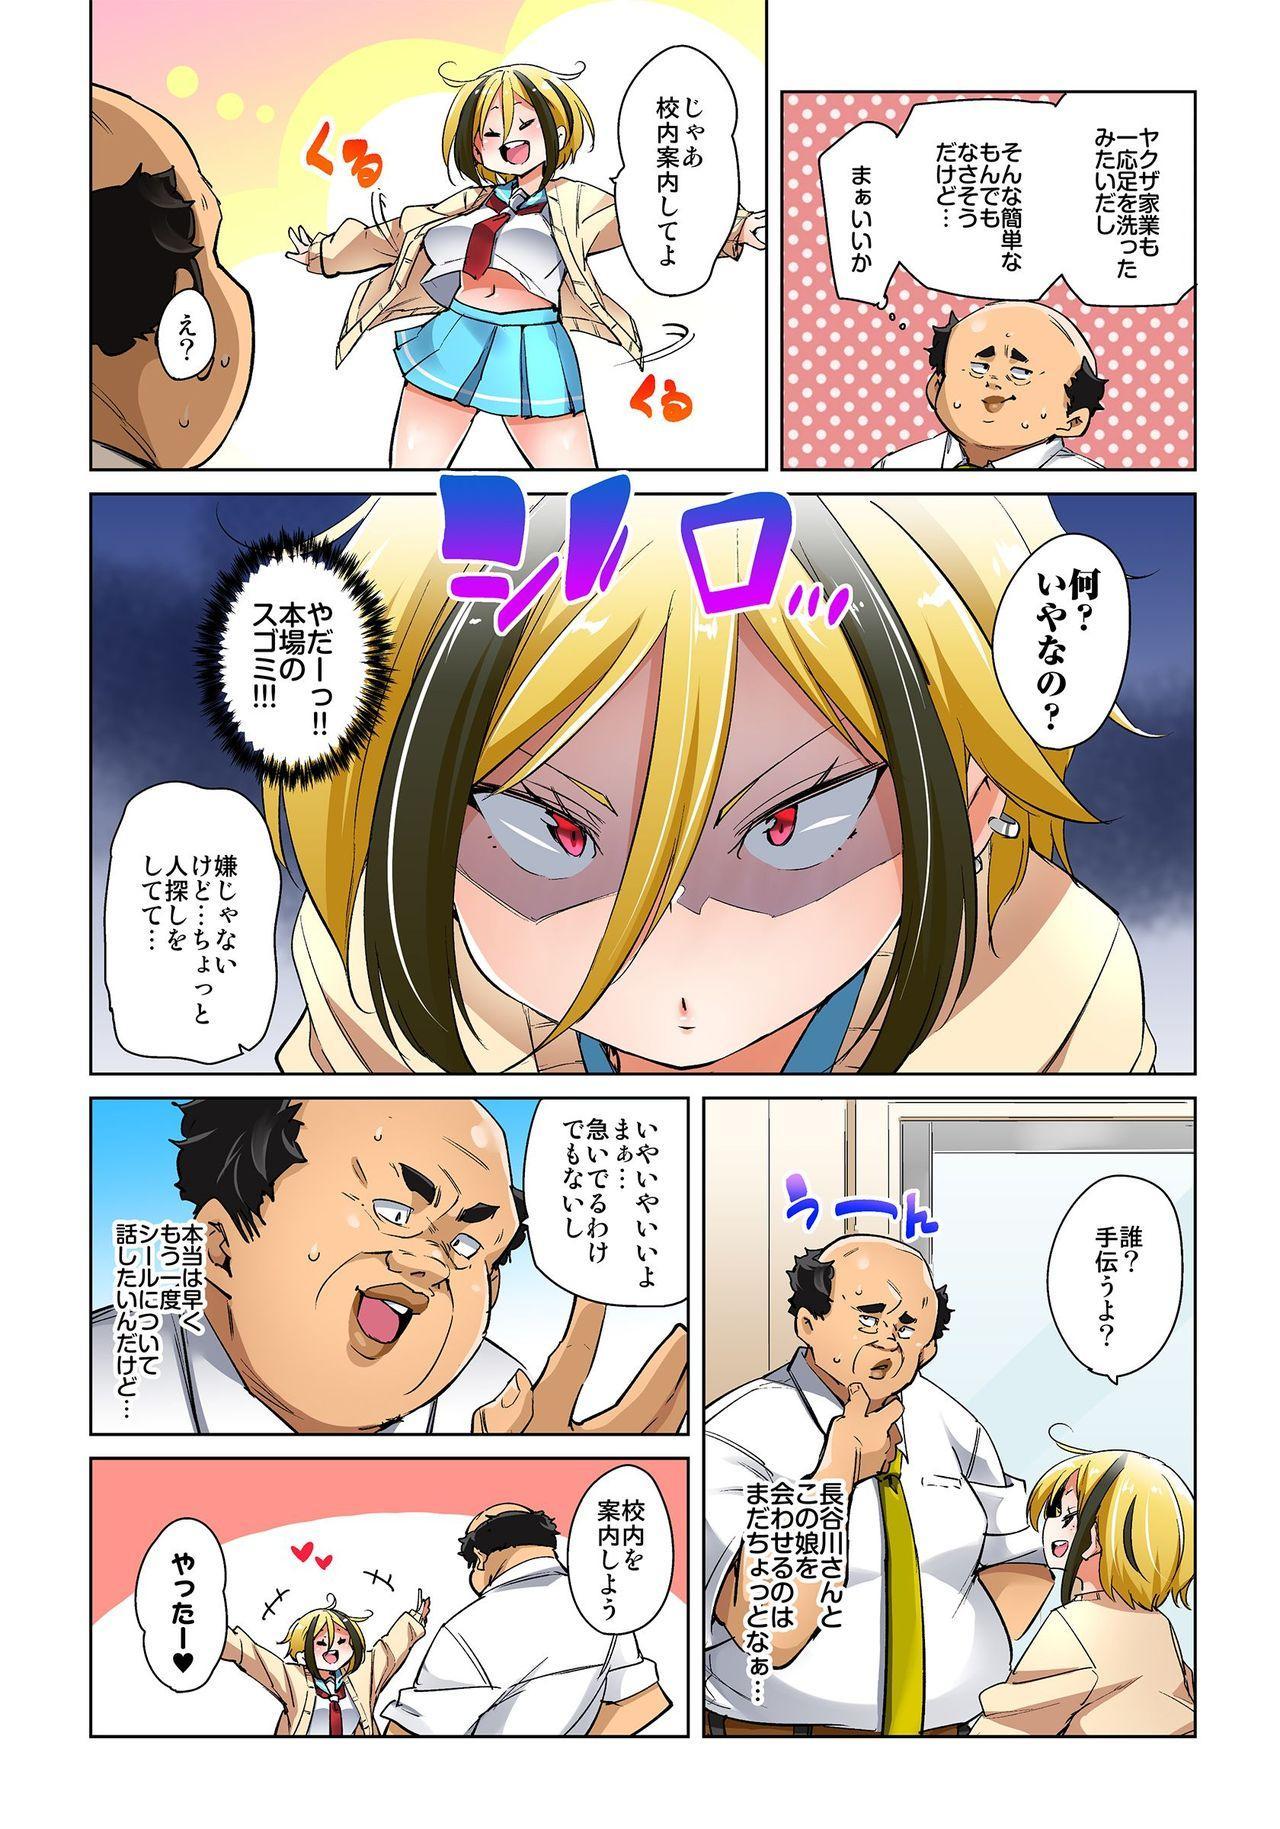 [Marui Maru] Hattara Yarechau!? Ero Seal ~Wagamama JK no Asoko o Tatta 1-mai de Dorei ni~ 1-16 [Digital] 397